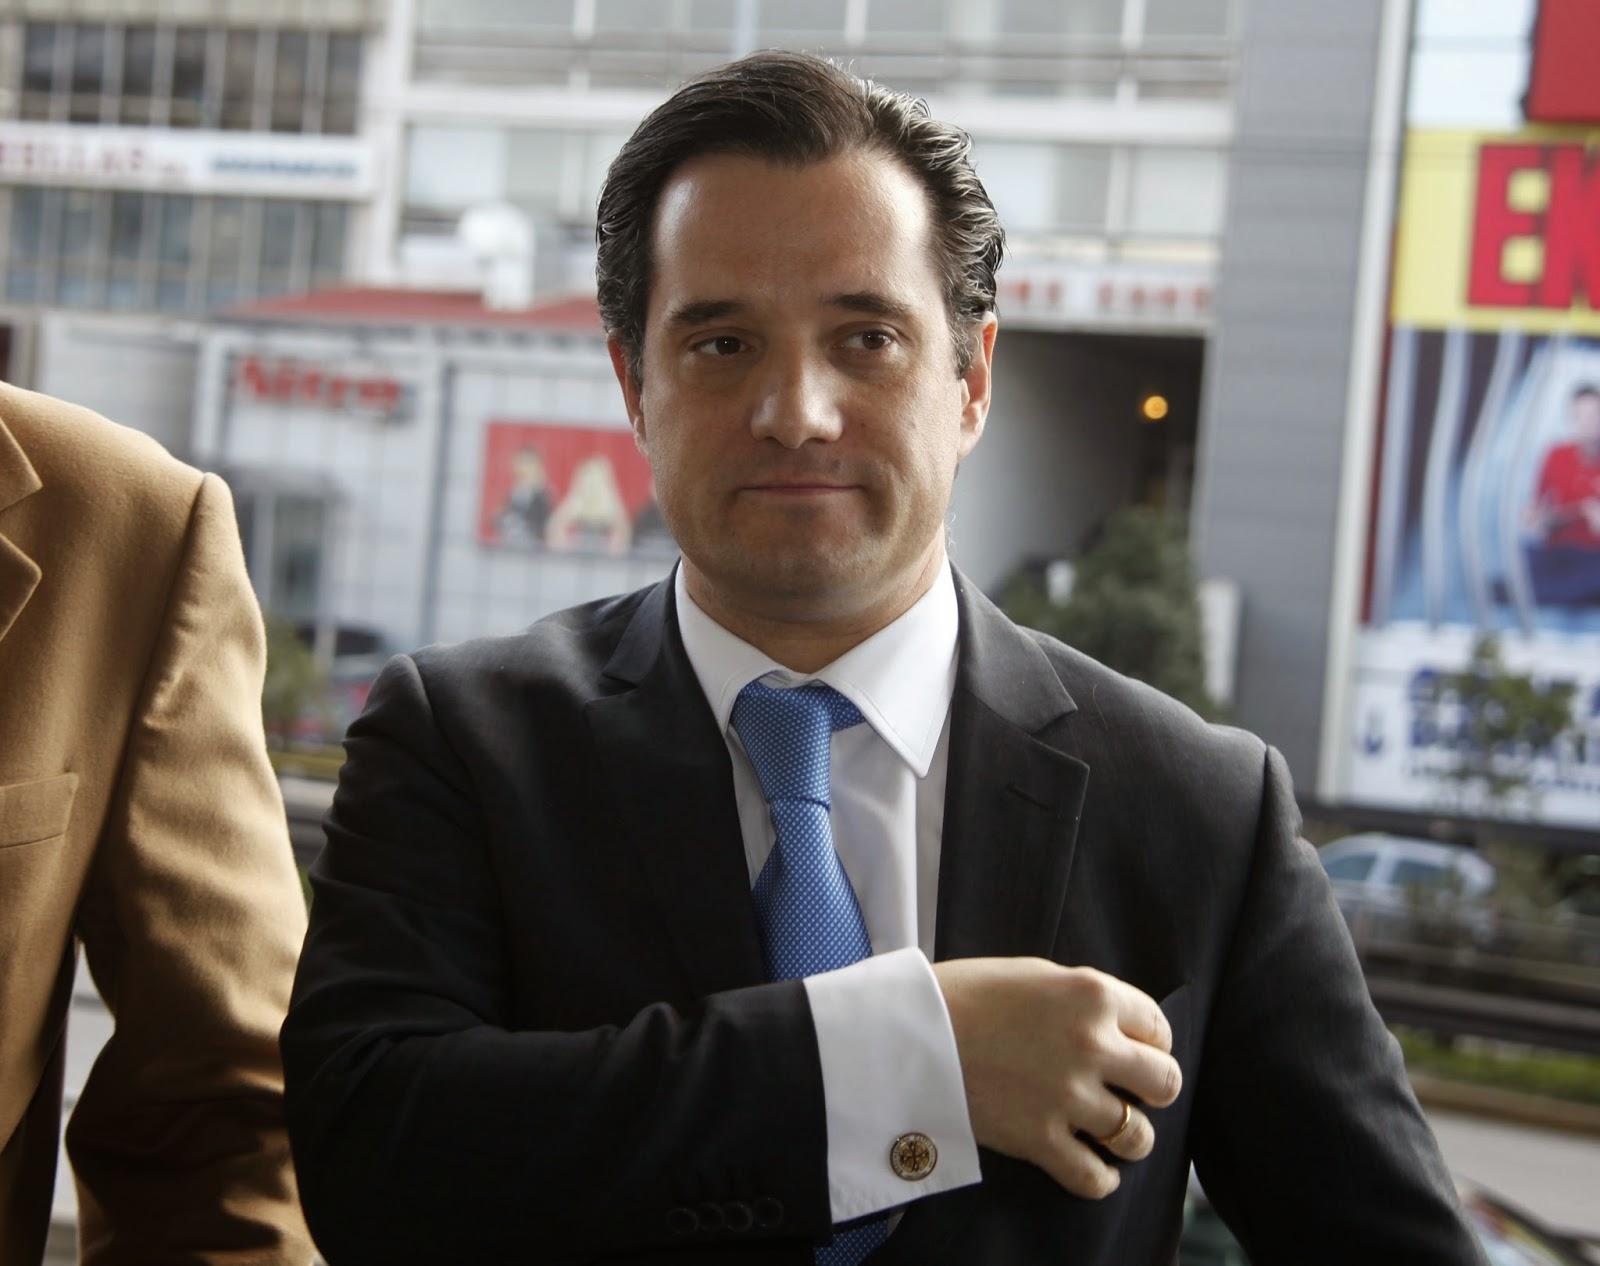 """Ο Άδωνης παρακαλάει τον Τσίπρα να προτείνει έναν υποψήφιο...¨Και ο Σαμαράς μπορεί να τον ψηφίσει"""""""